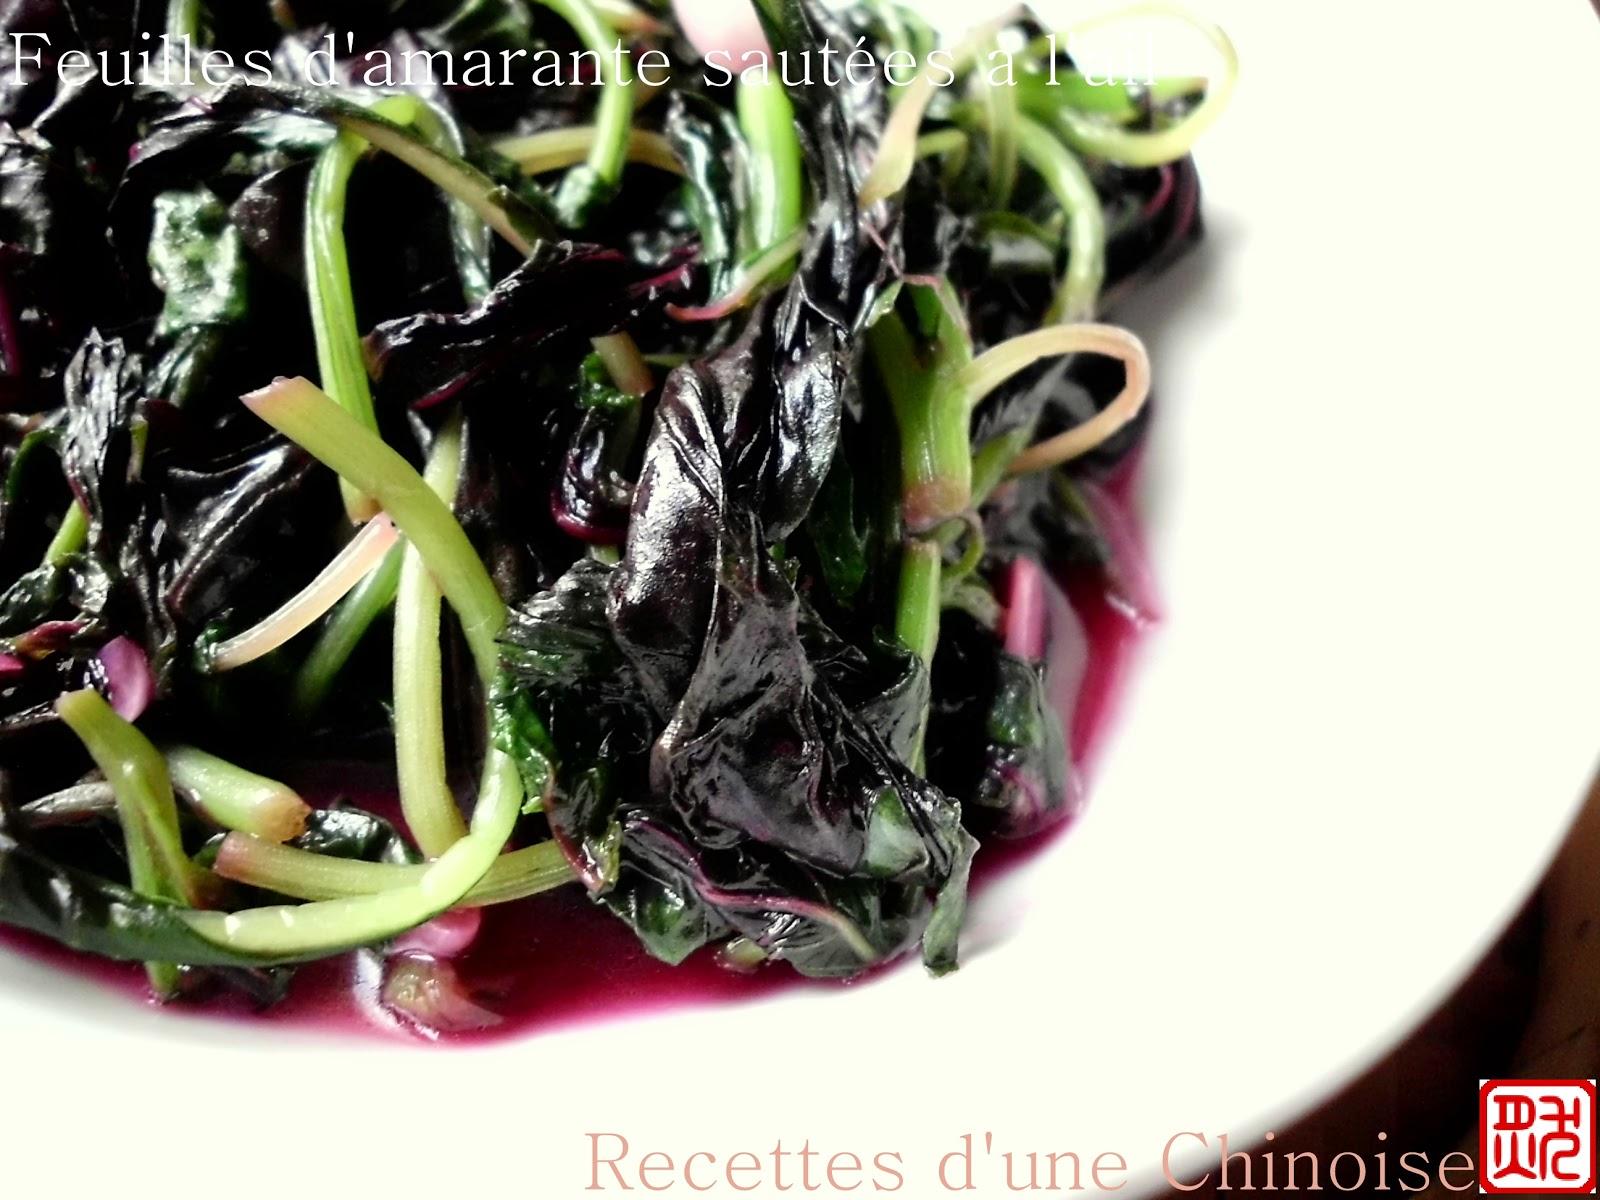 Recettes d 39 une chinoise feuilles d 39 amarante saut es a l 39 ail su nr ng h ng xi nc i - Comment cuisiner l amarante ...